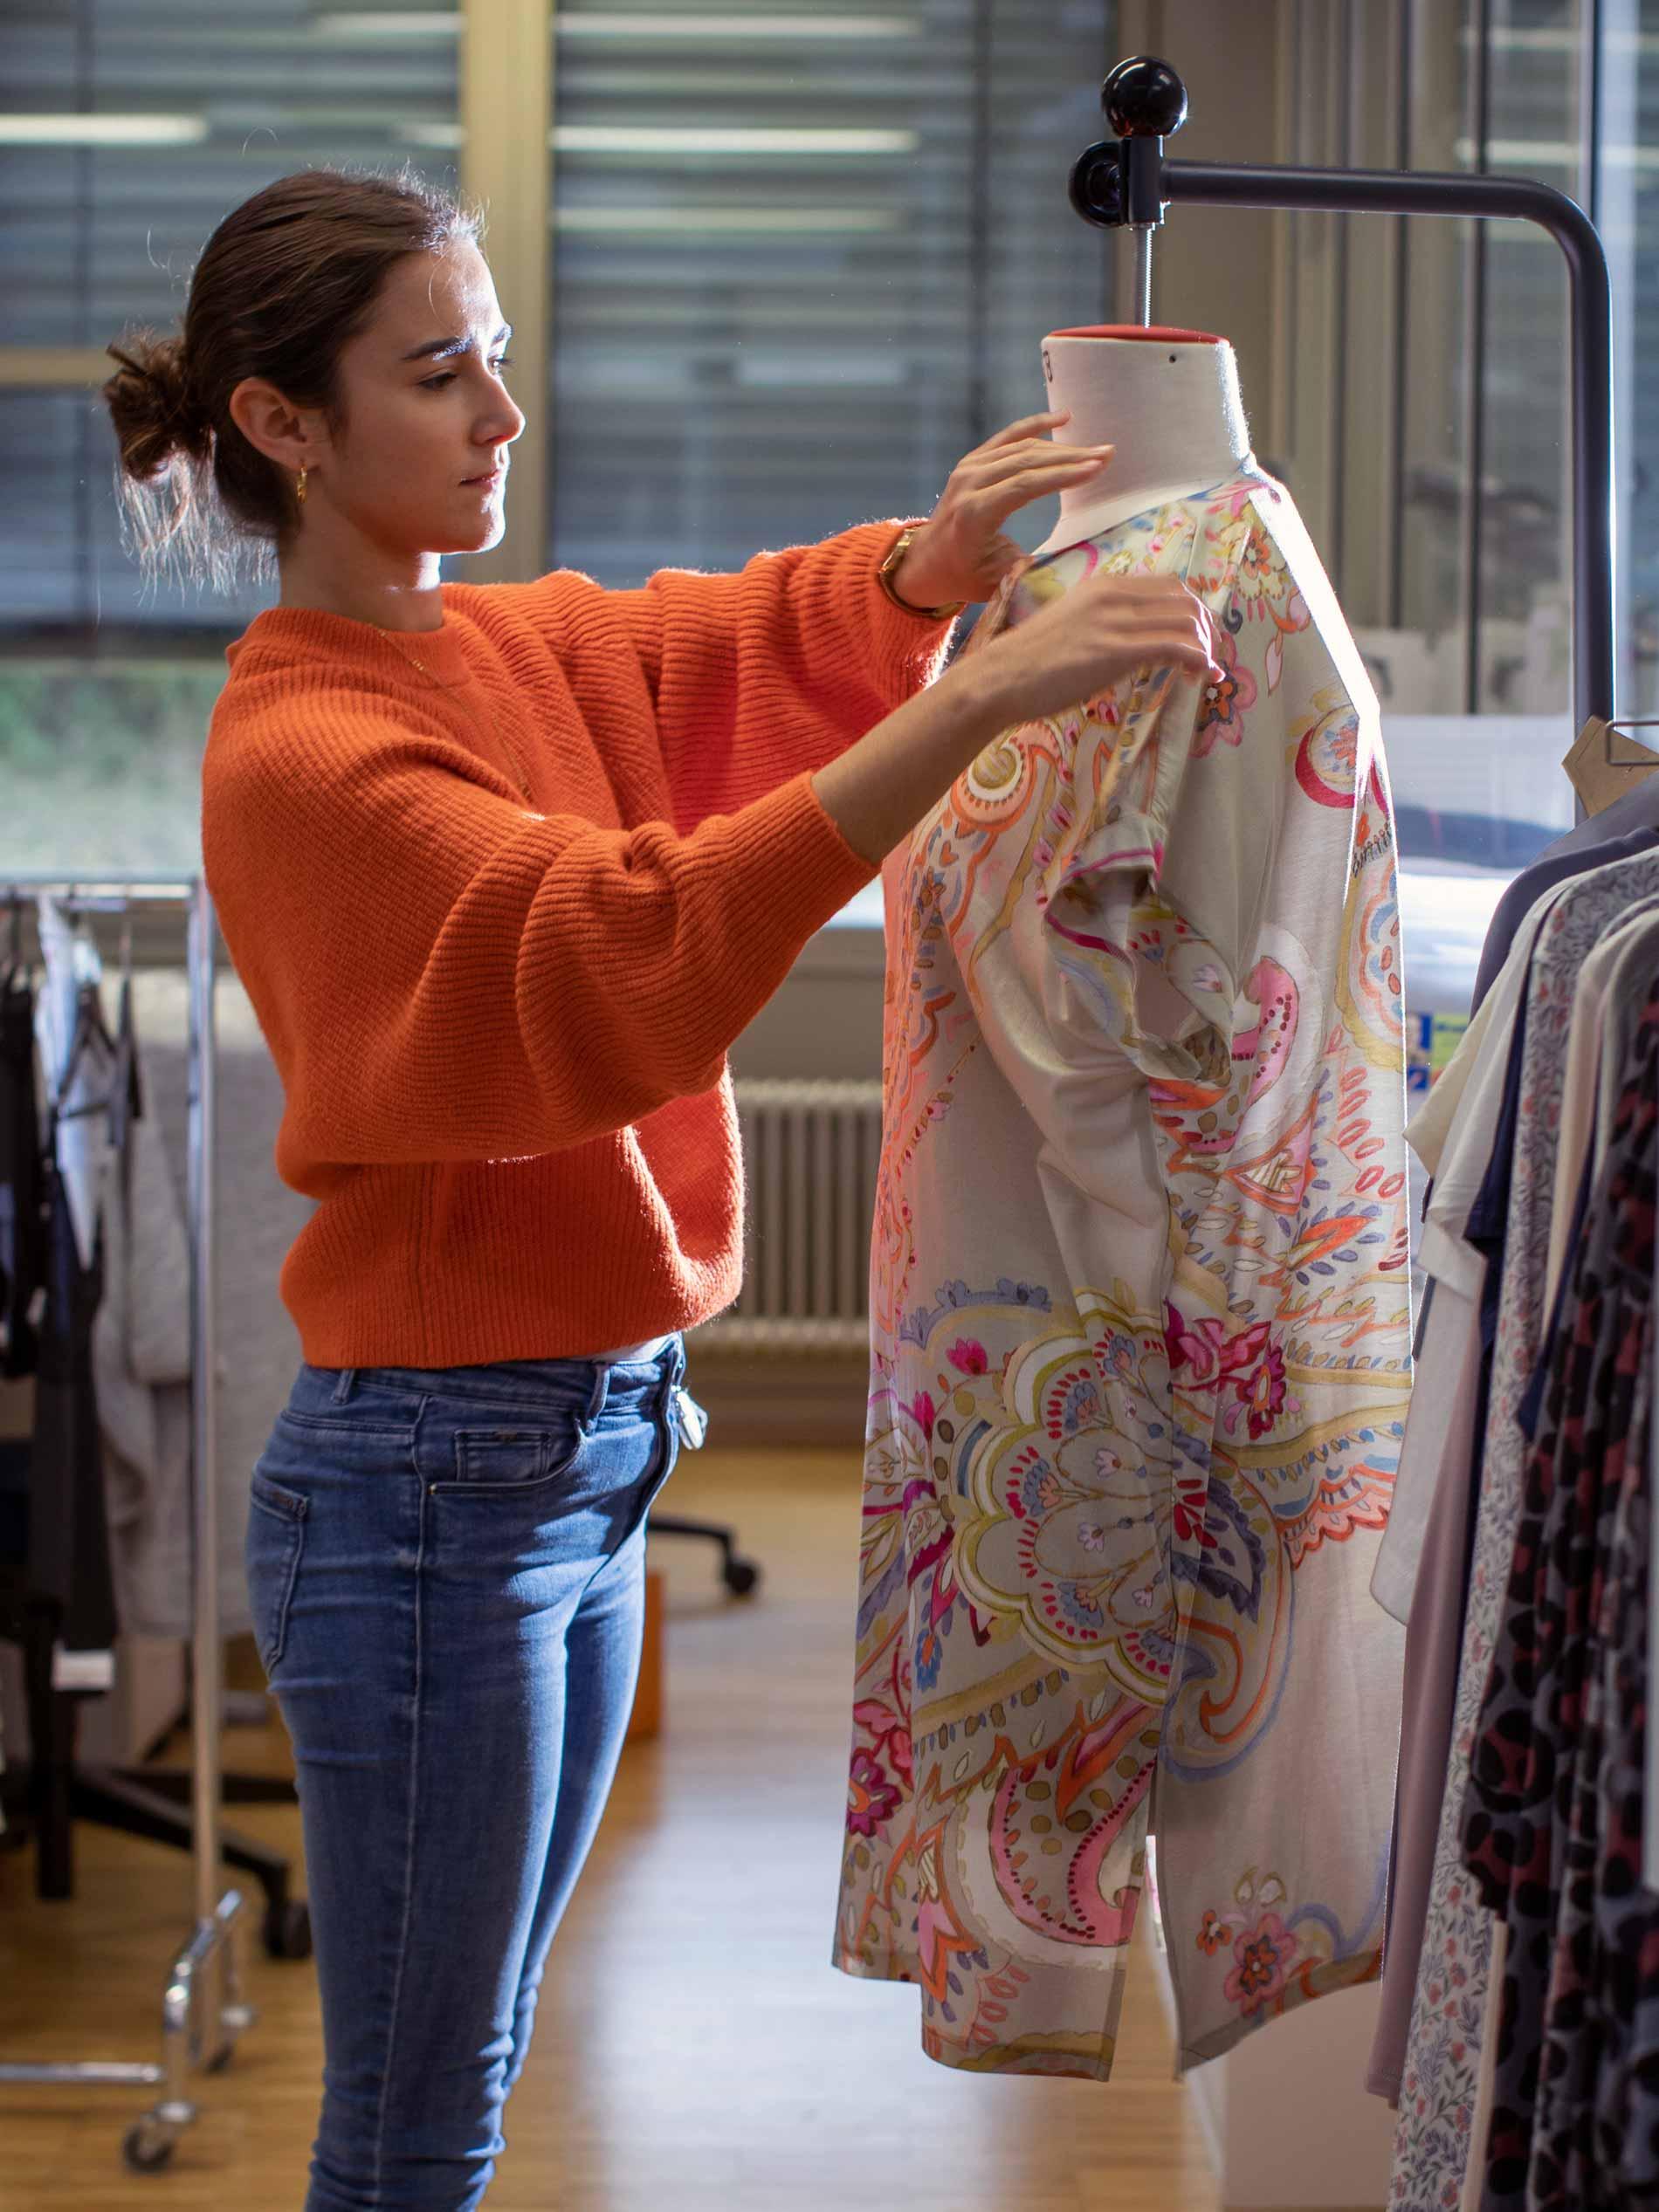 Designerin im Damen-Design probiert eine gemusterte Tunika an einer hängenden Schneiderbüste an und kontrolliert den Schnitt | mey®